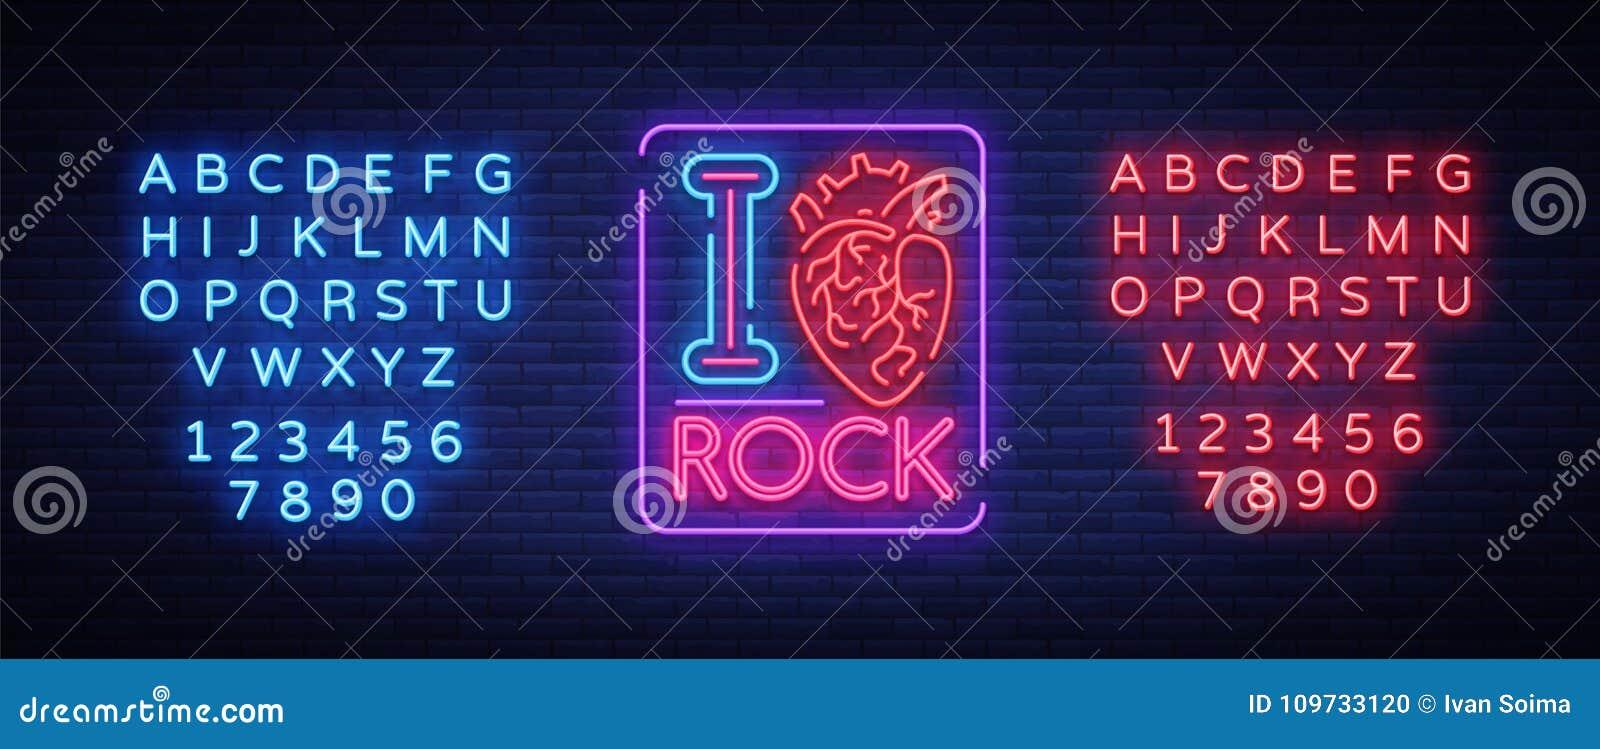 Eu amo a rocha sinal de non bandeira brilhante smbolo cartaz no download eu amo a rocha sinal de non bandeira brilhante smbolo cartaz no ccuart Gallery